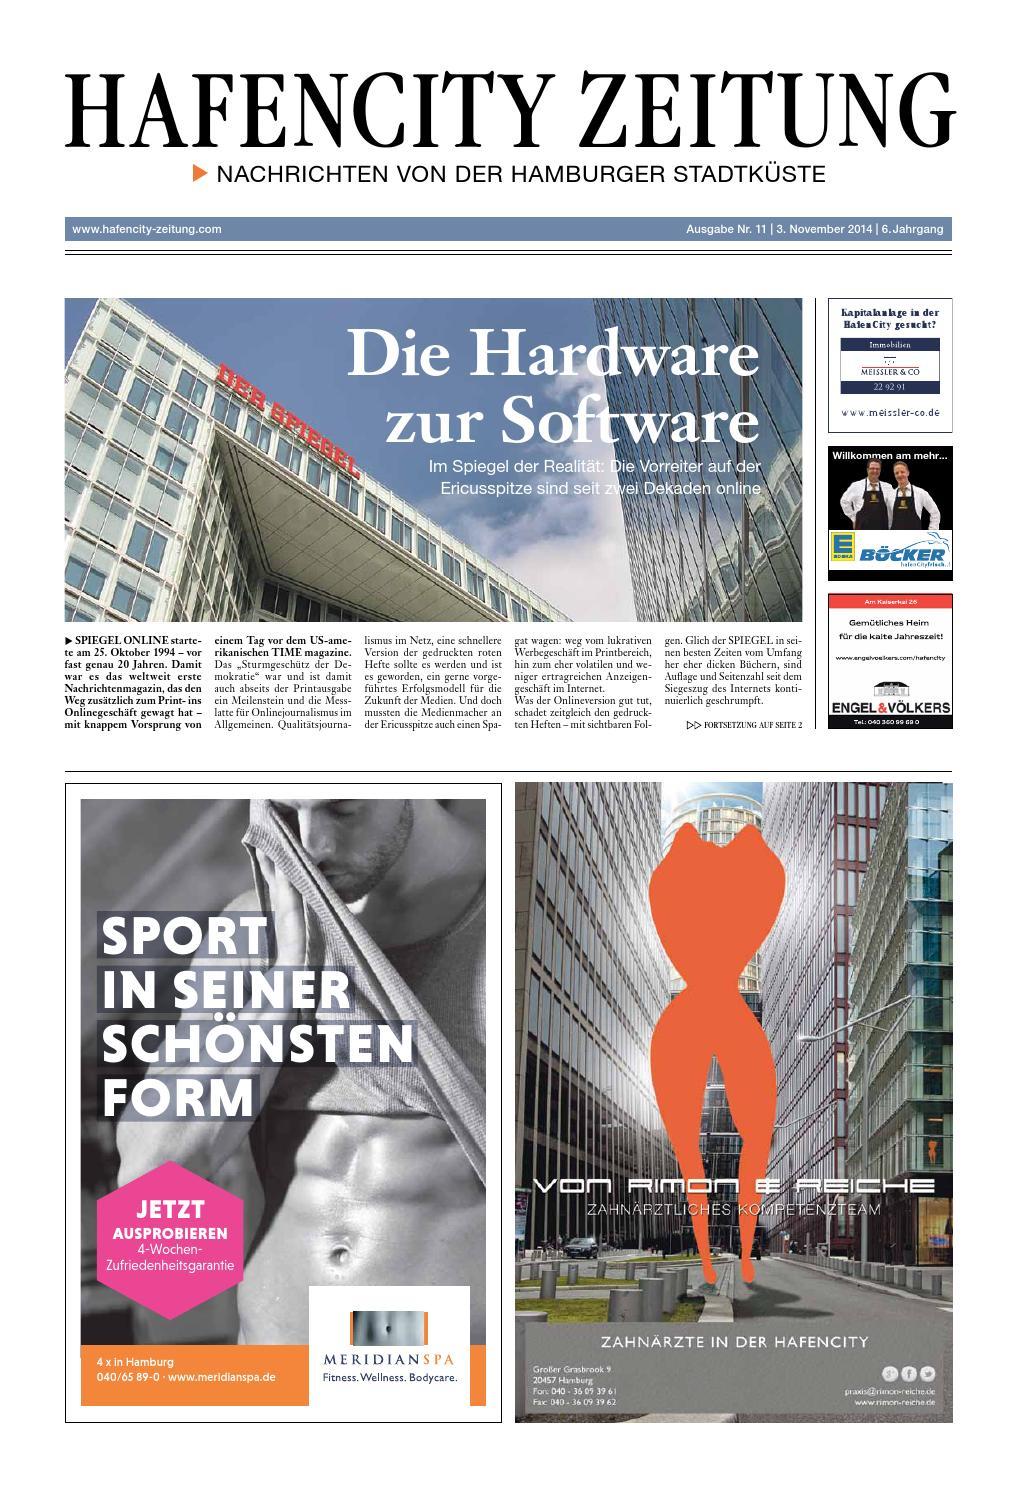 Foe Karte Der Kontinente Jhw.Hafencity Zeitung November 2014 By Michael Klessmann Issuu